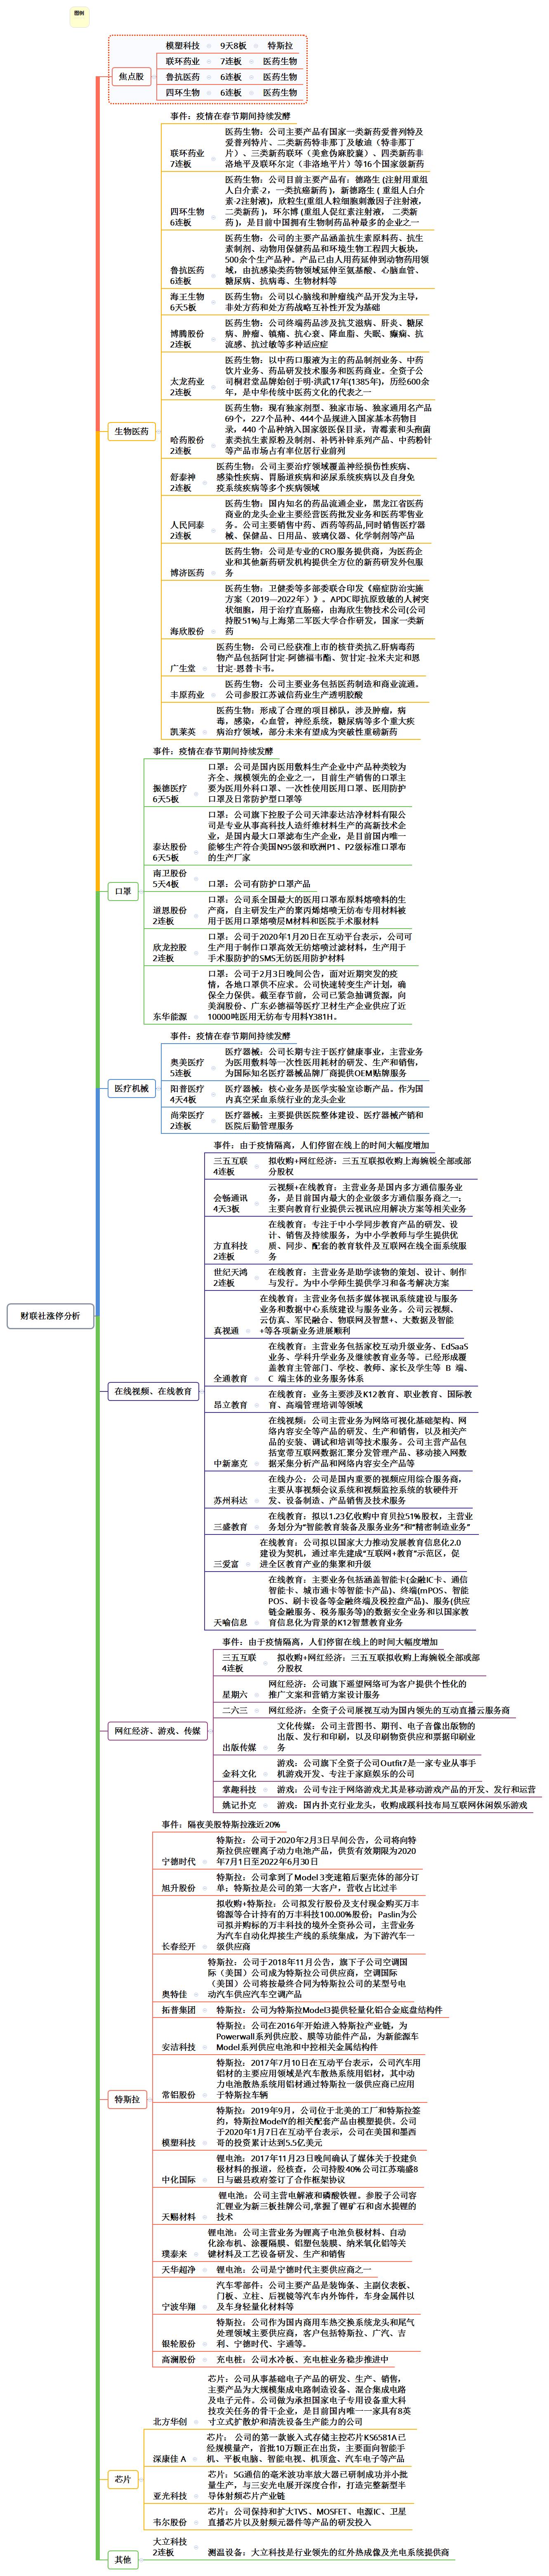 【财联社午报】三大指数全线上涨 创业板领涨超3%